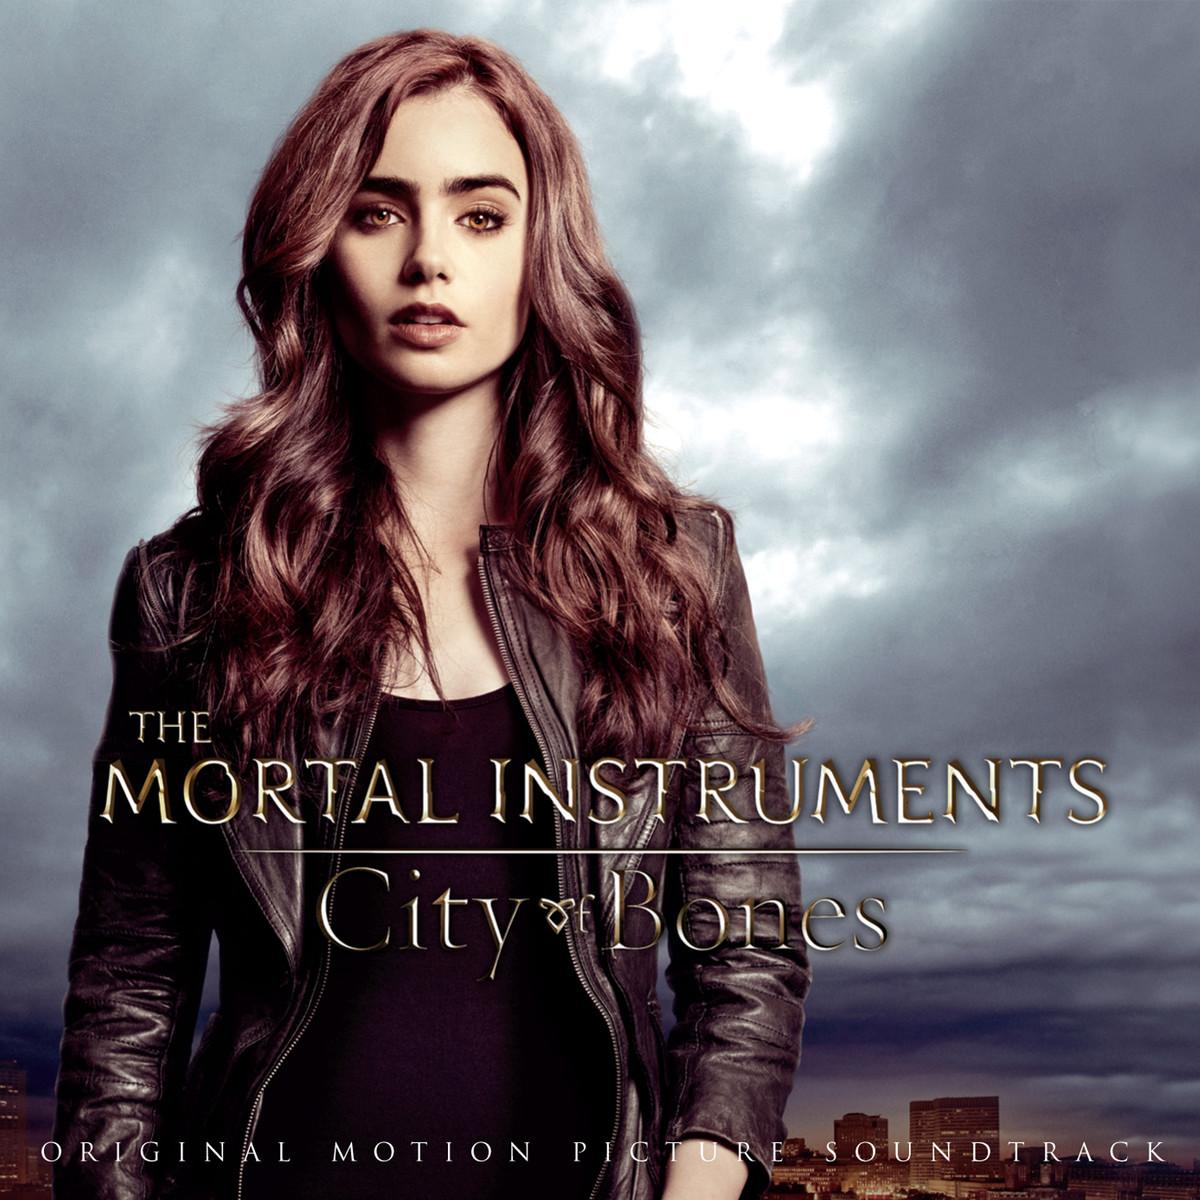 the mortal instruments city of bones wallpapers - The Mortal Instruments City of Bones wallpapers